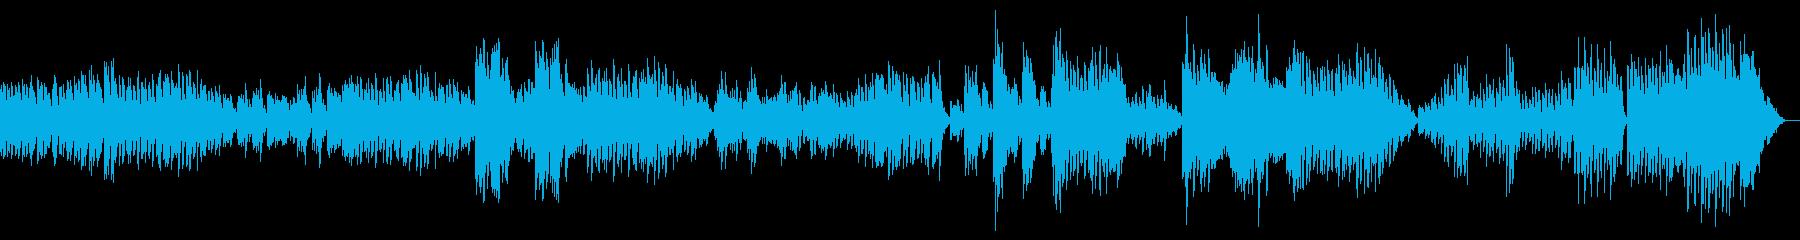 ベートーベンのエコセーズ 楽しい踊りの曲の再生済みの波形